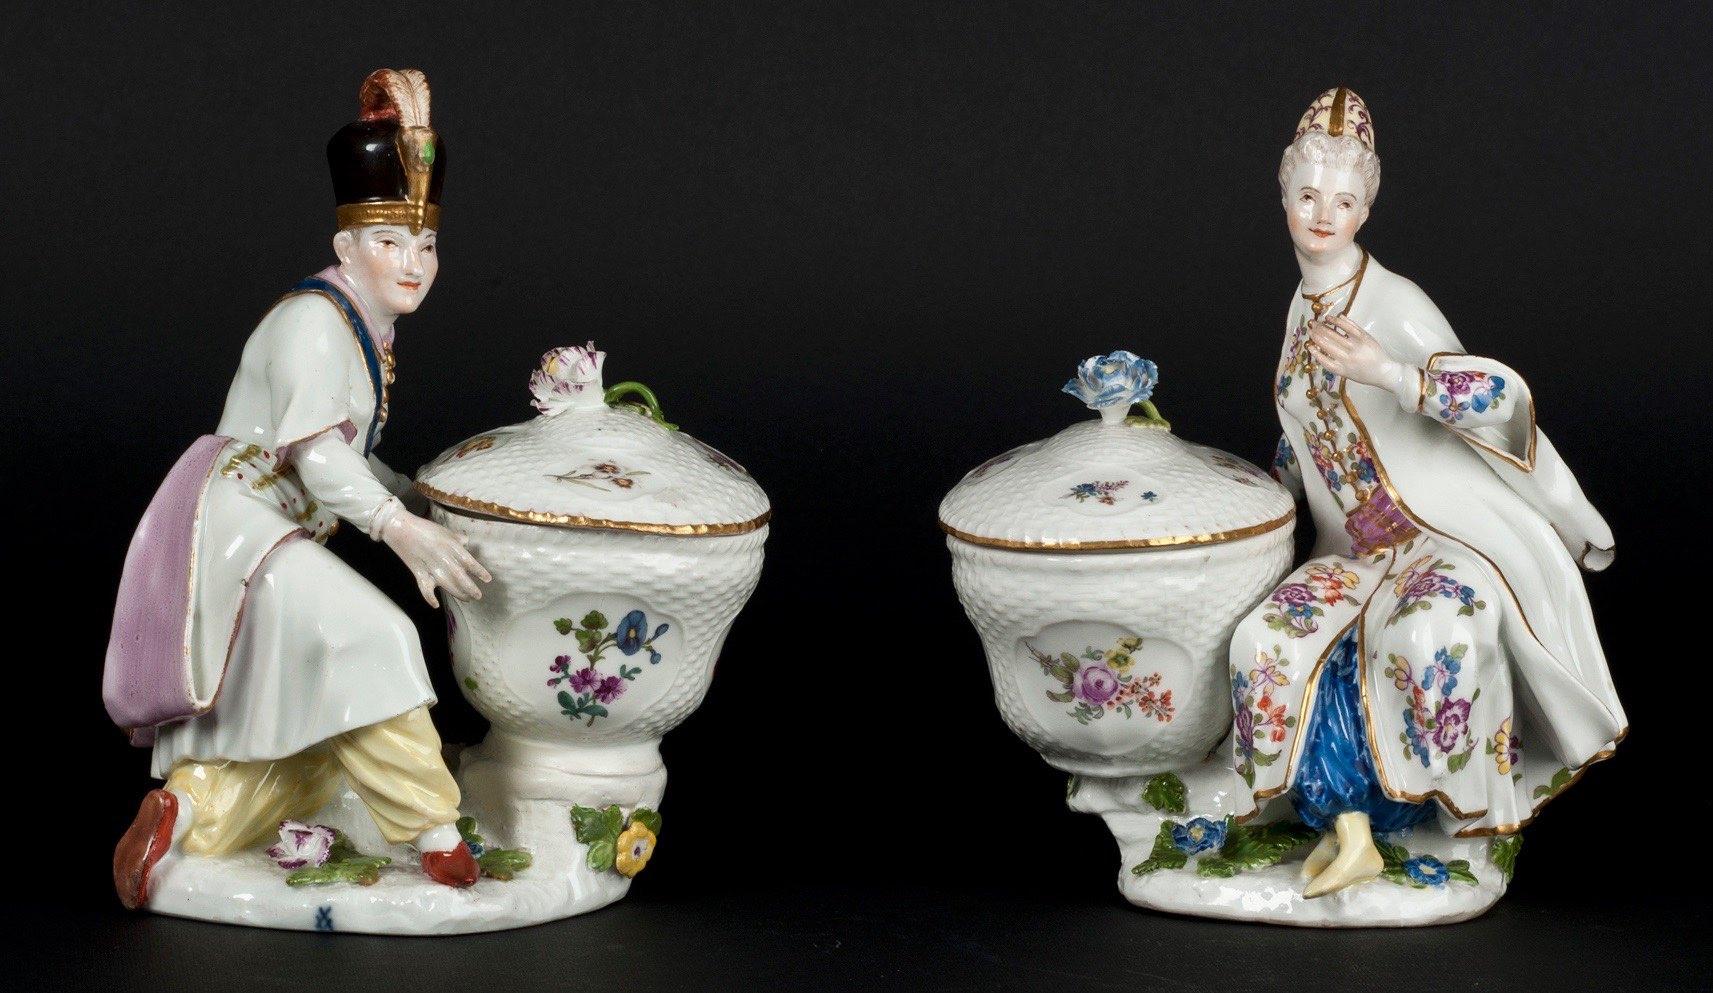 Nowość w zbiorach: Porcelanowe solniczki